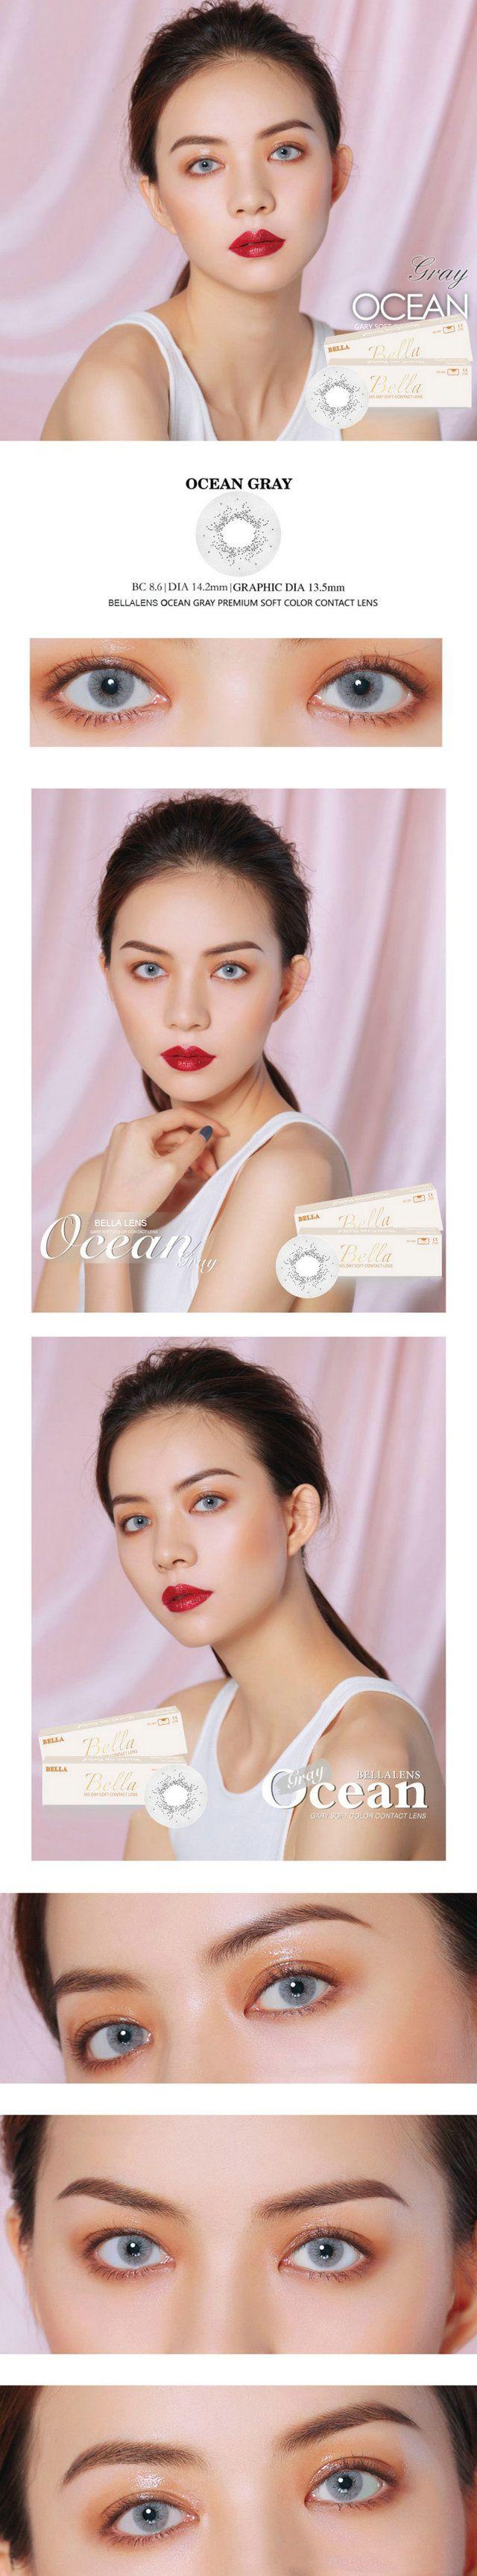 Color contact lenses online shop - 14 20mm Bella Ocean Contact Lens Color Gray 16 99 Contactlensdropshipping Com Online